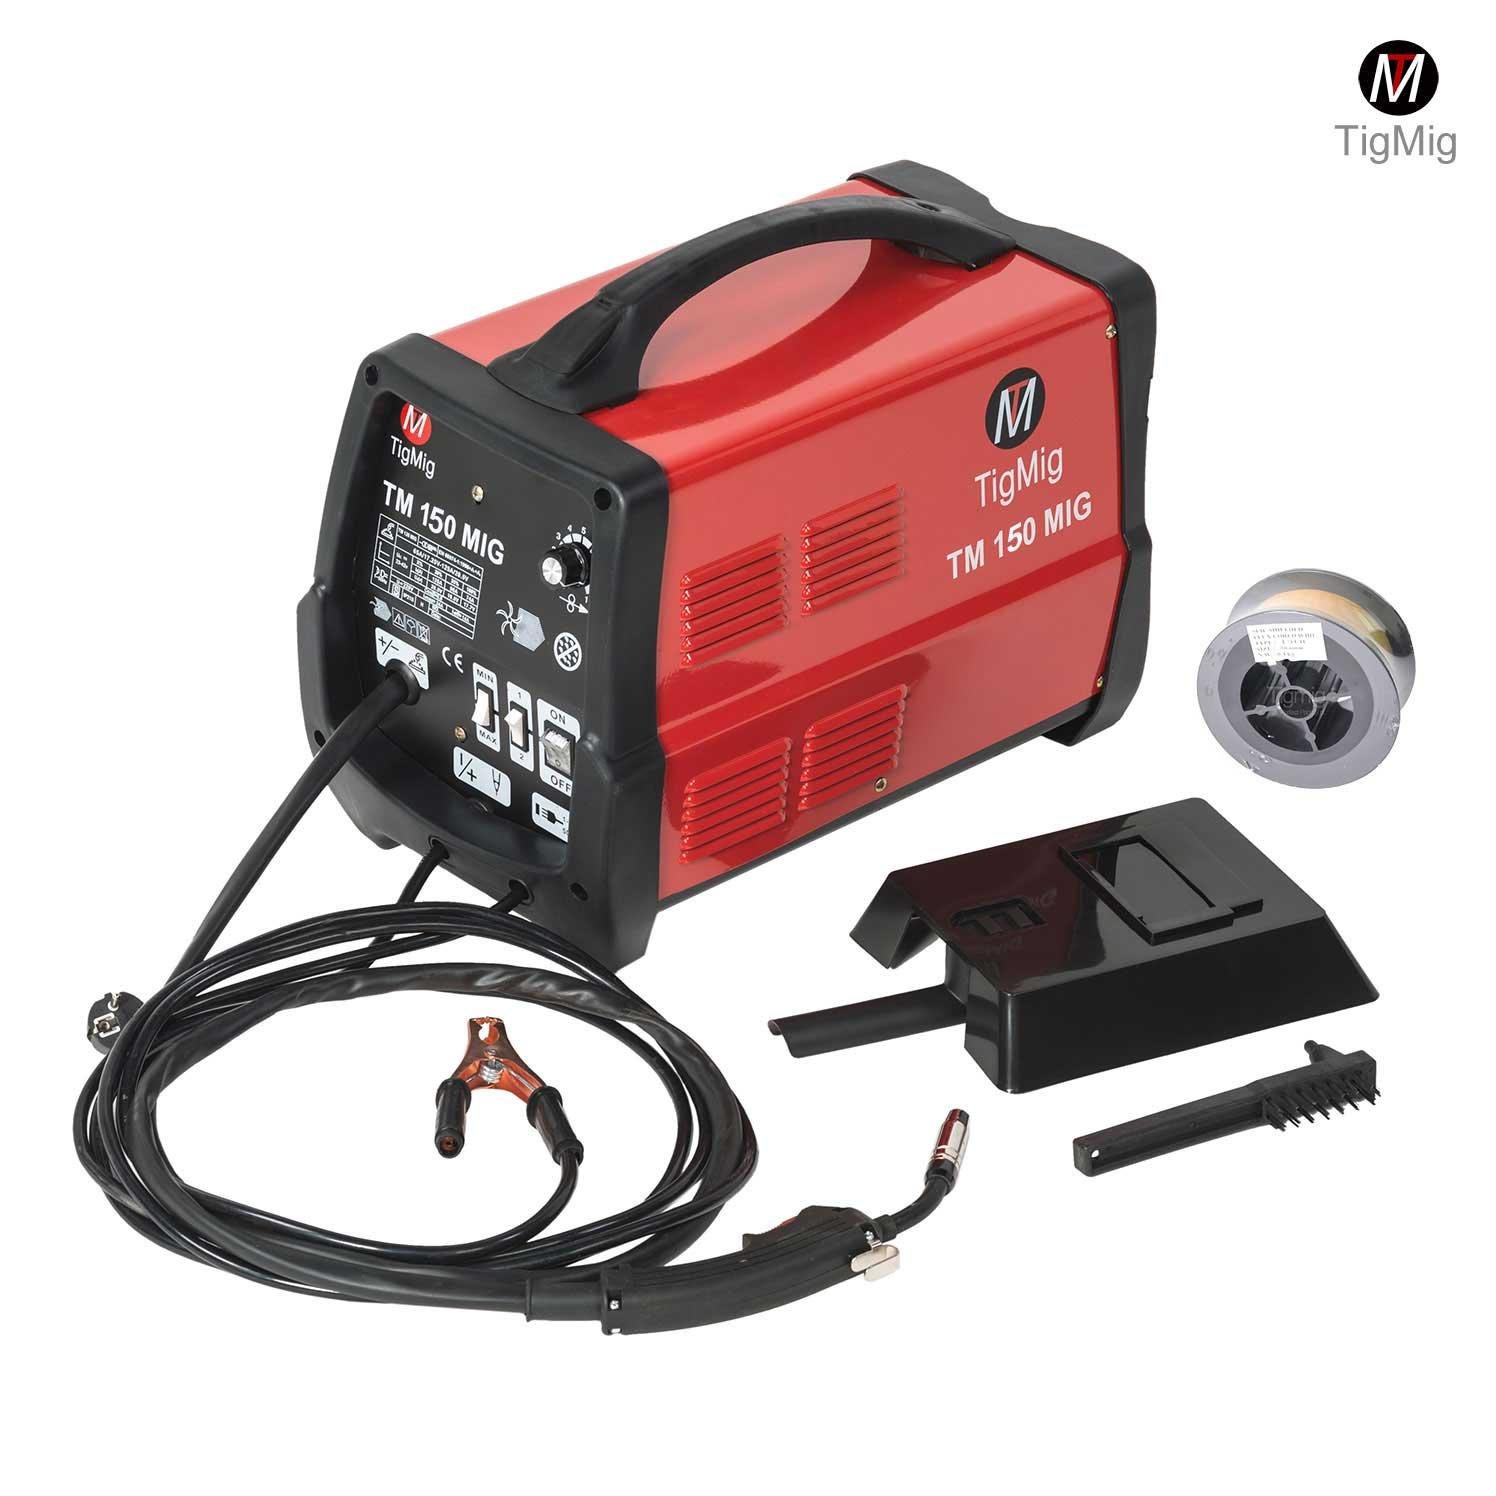 TM 150 MIG AC Schweiß gerä t mit kontinuirlichem Schweiß draht ohne Gas TIGMIG